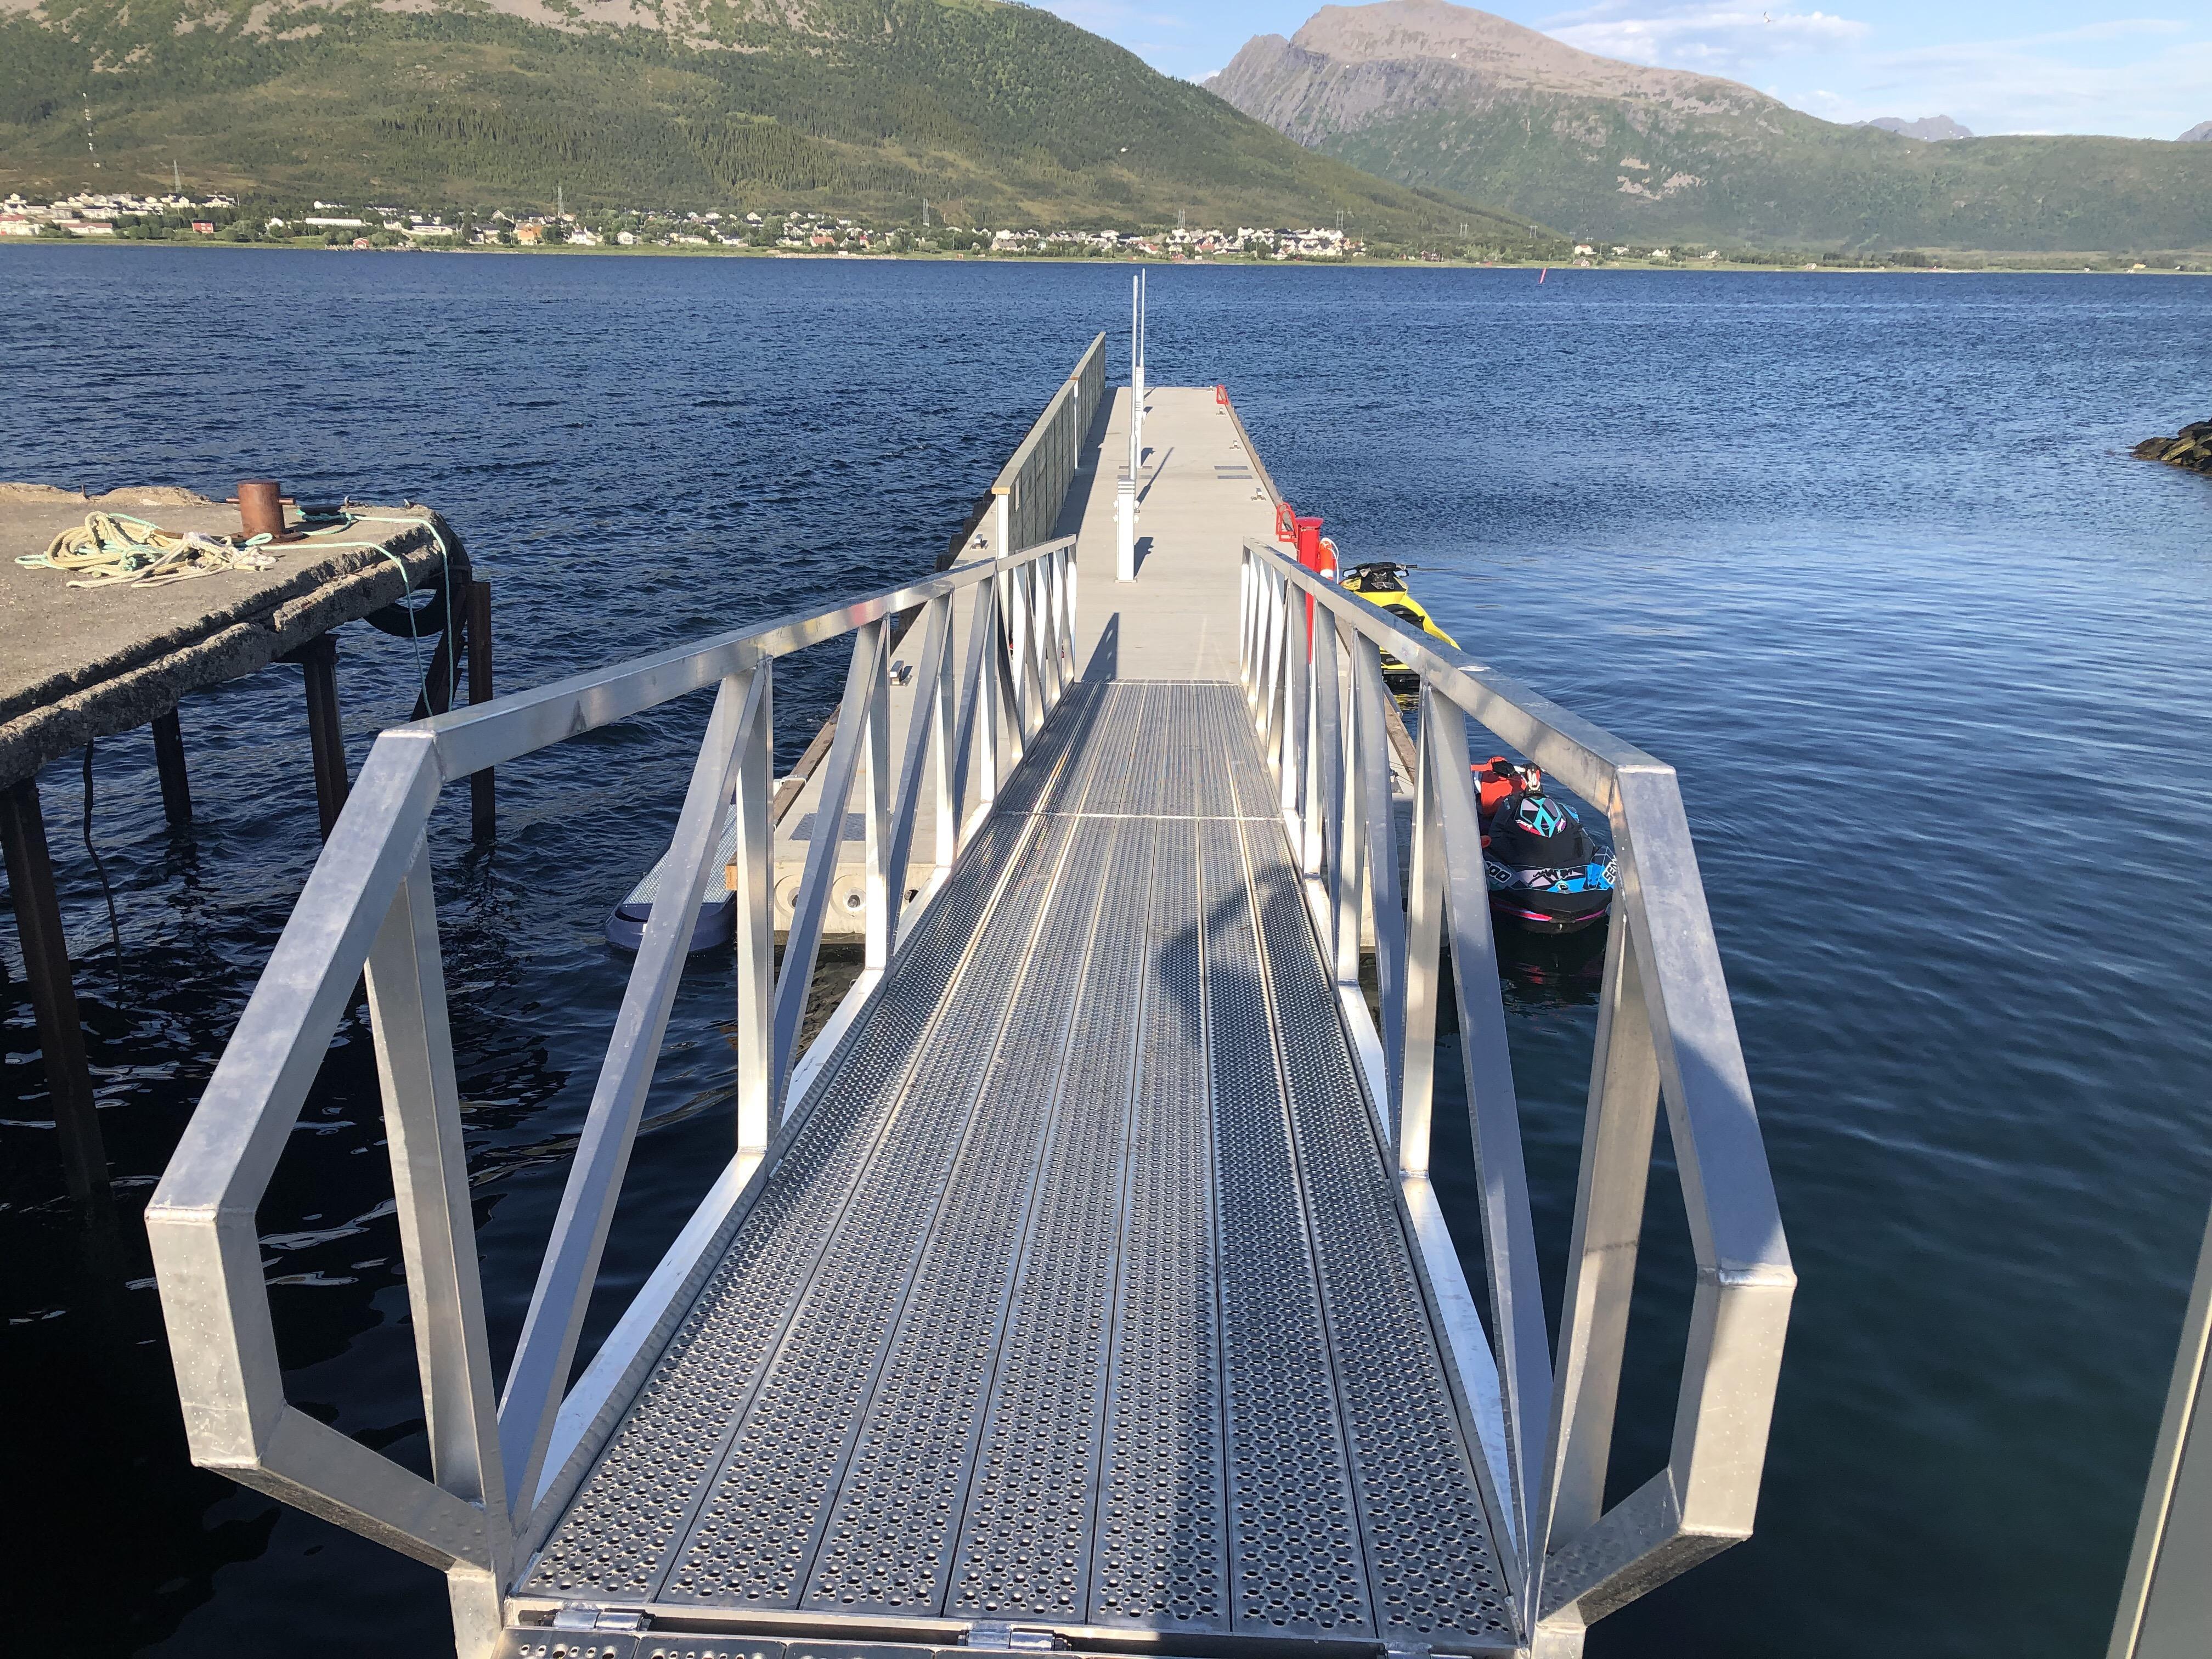 https://marinasolutions.no/uploads/Flytebrygger-Sortland-Torghuken-sos-post-redningsleider-heavy-duty-landgang-fiskeri-og-havbruk.JPG